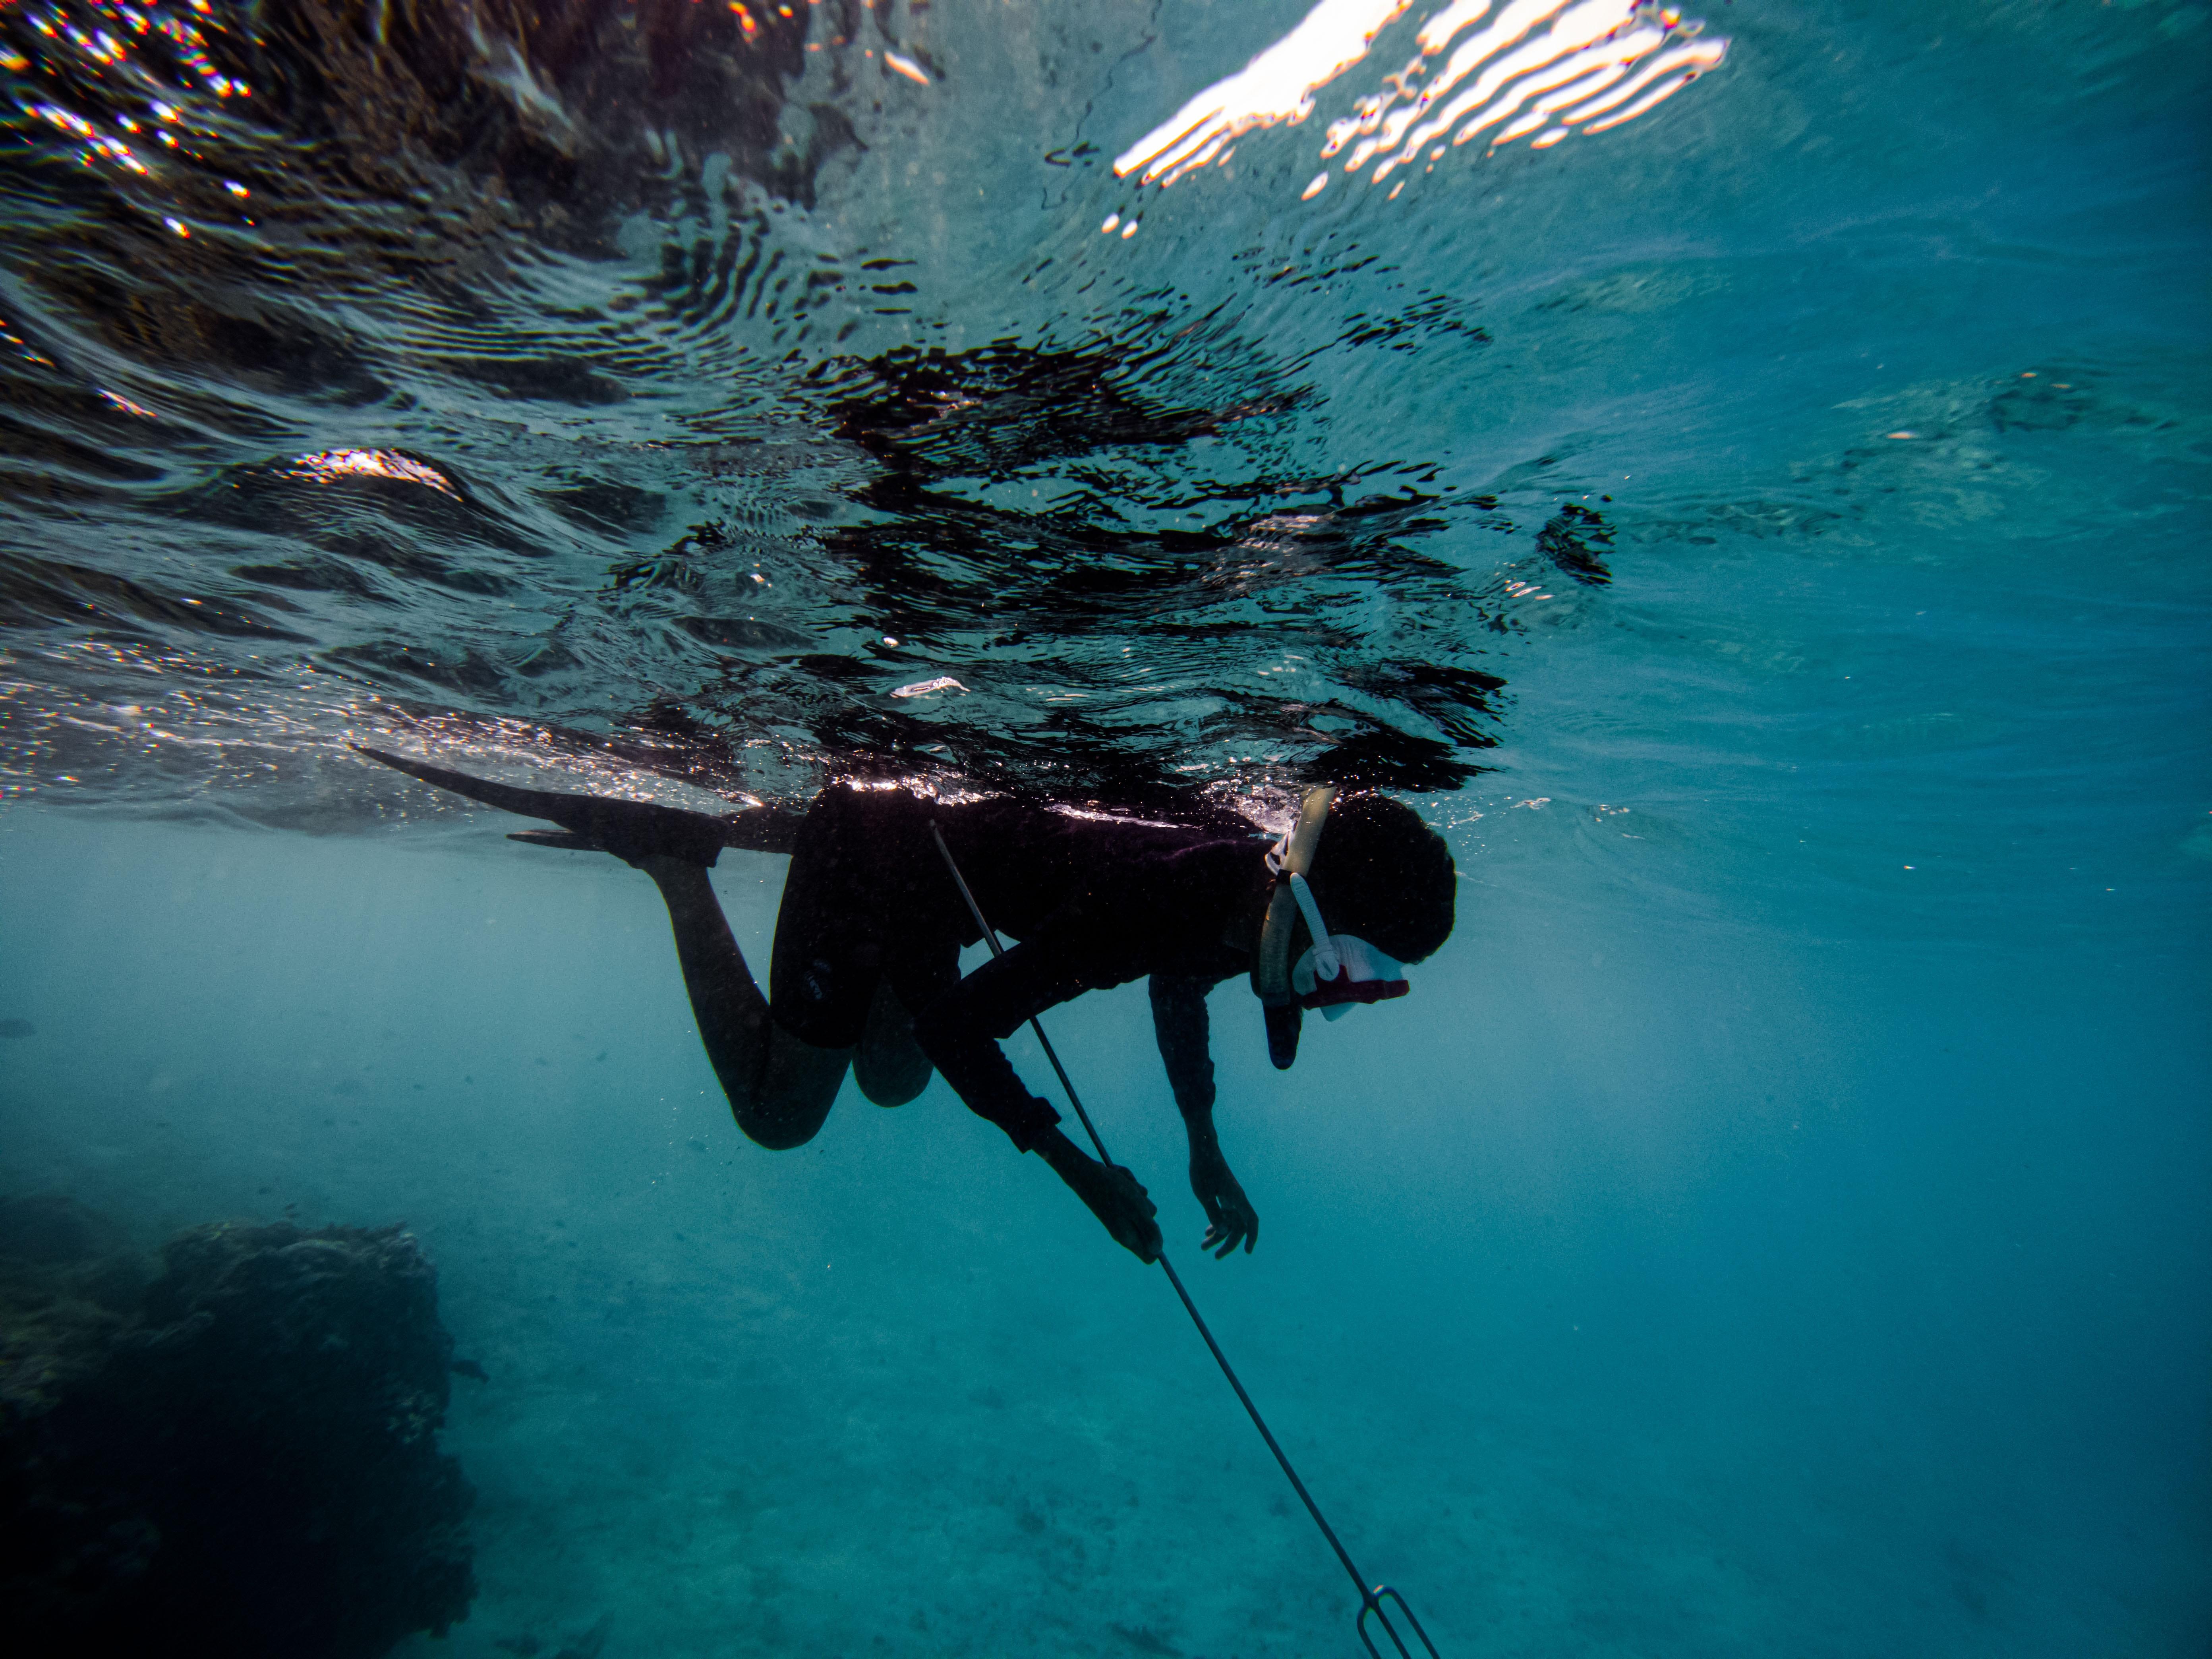 Pesca Submarina y apnea. Max 2 personas